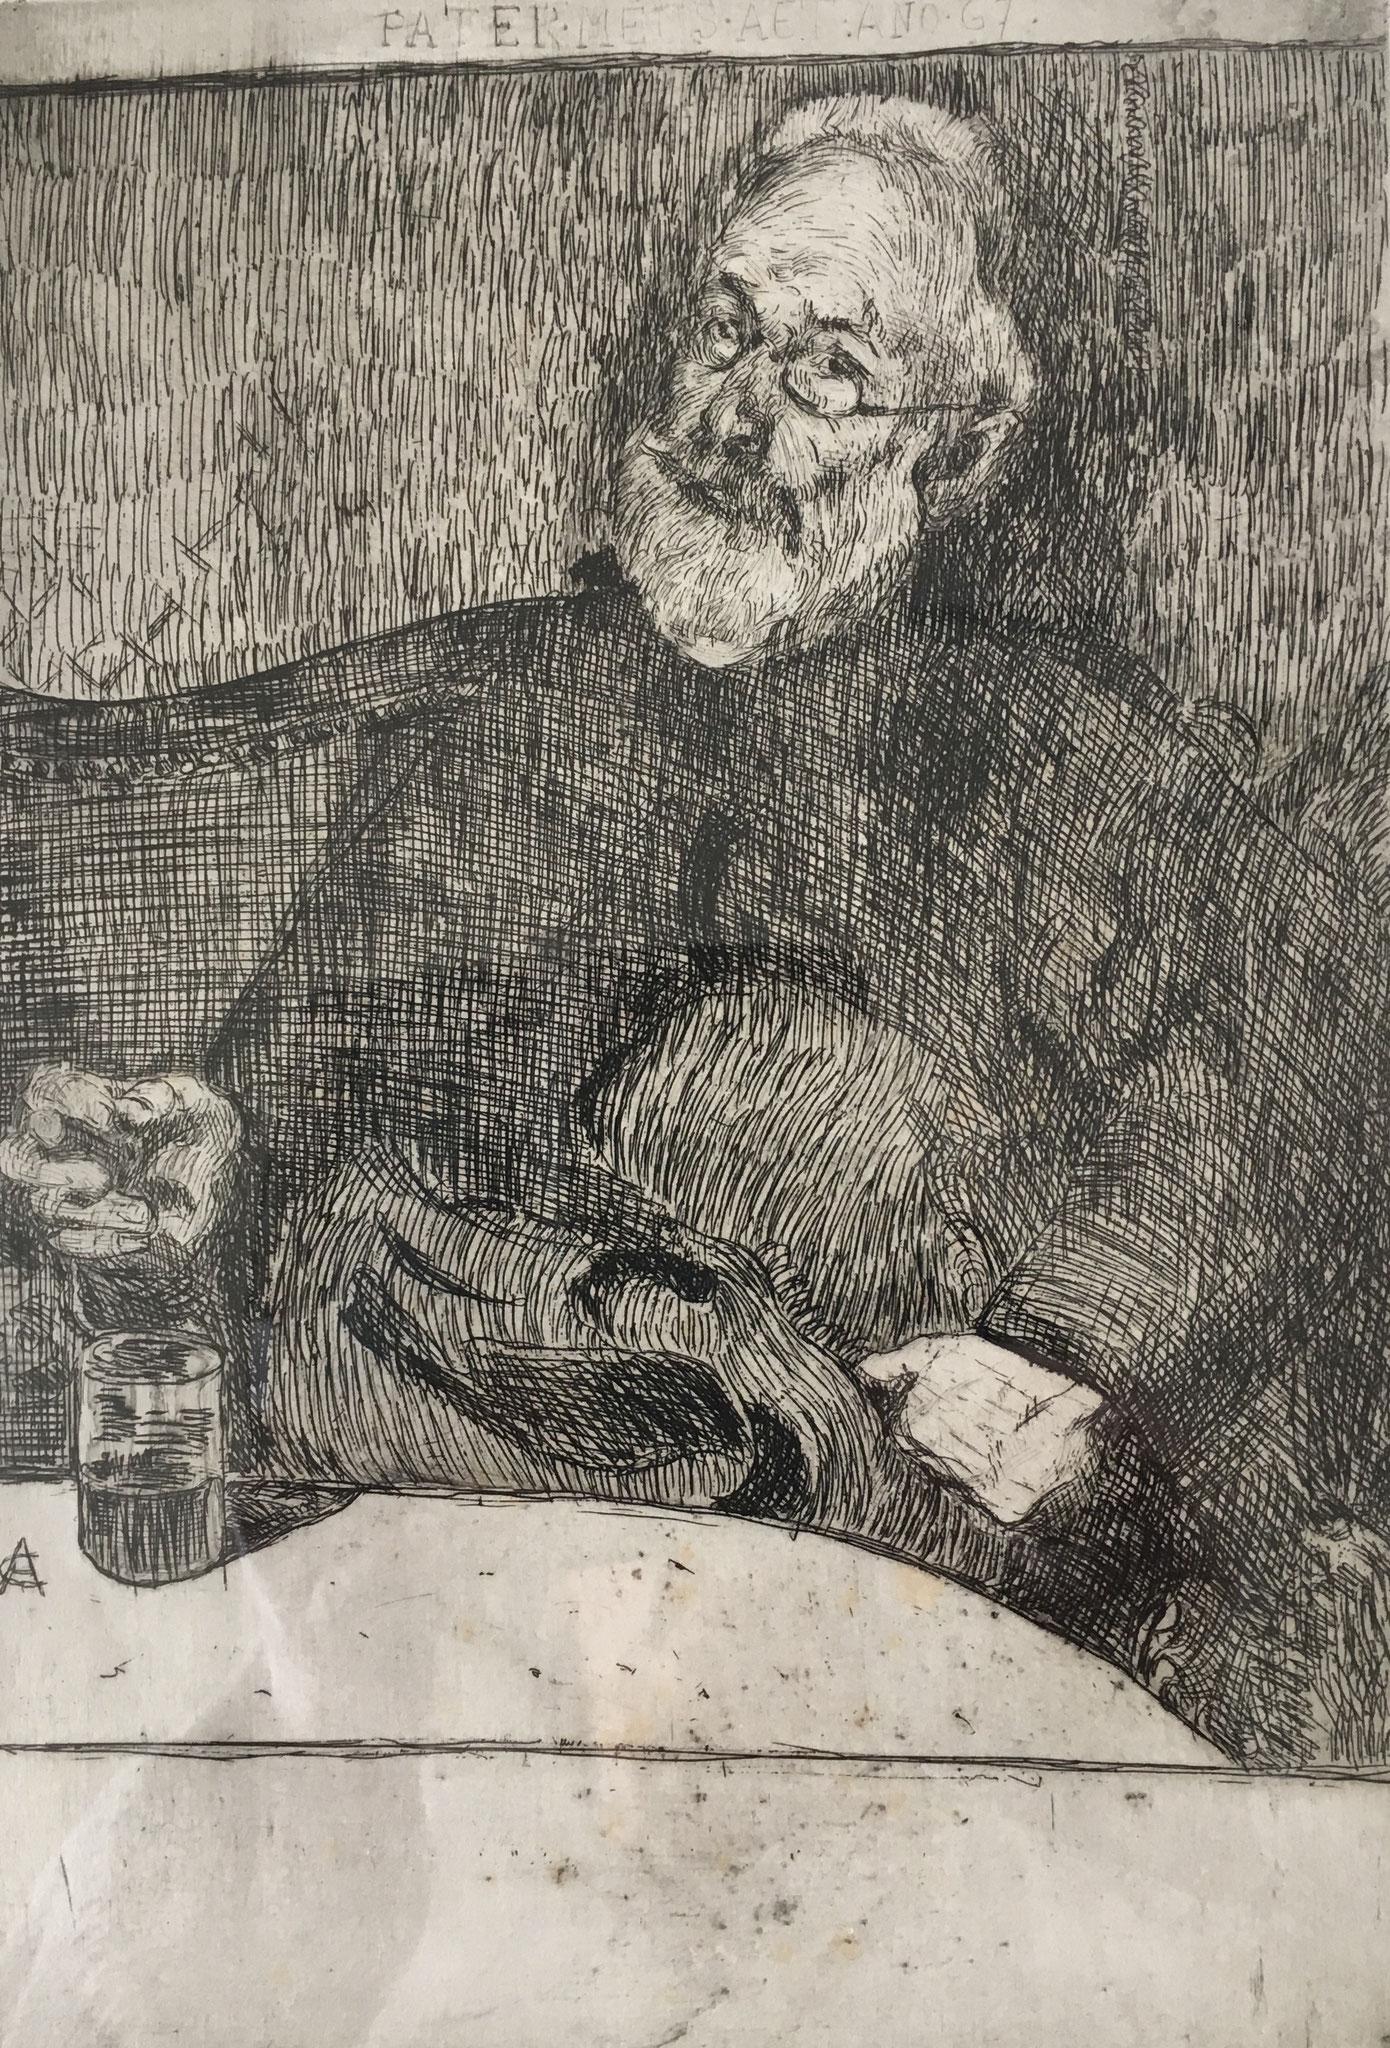 Cuno Amiet, Vater Ignaz Amiet, Radierung, 1894